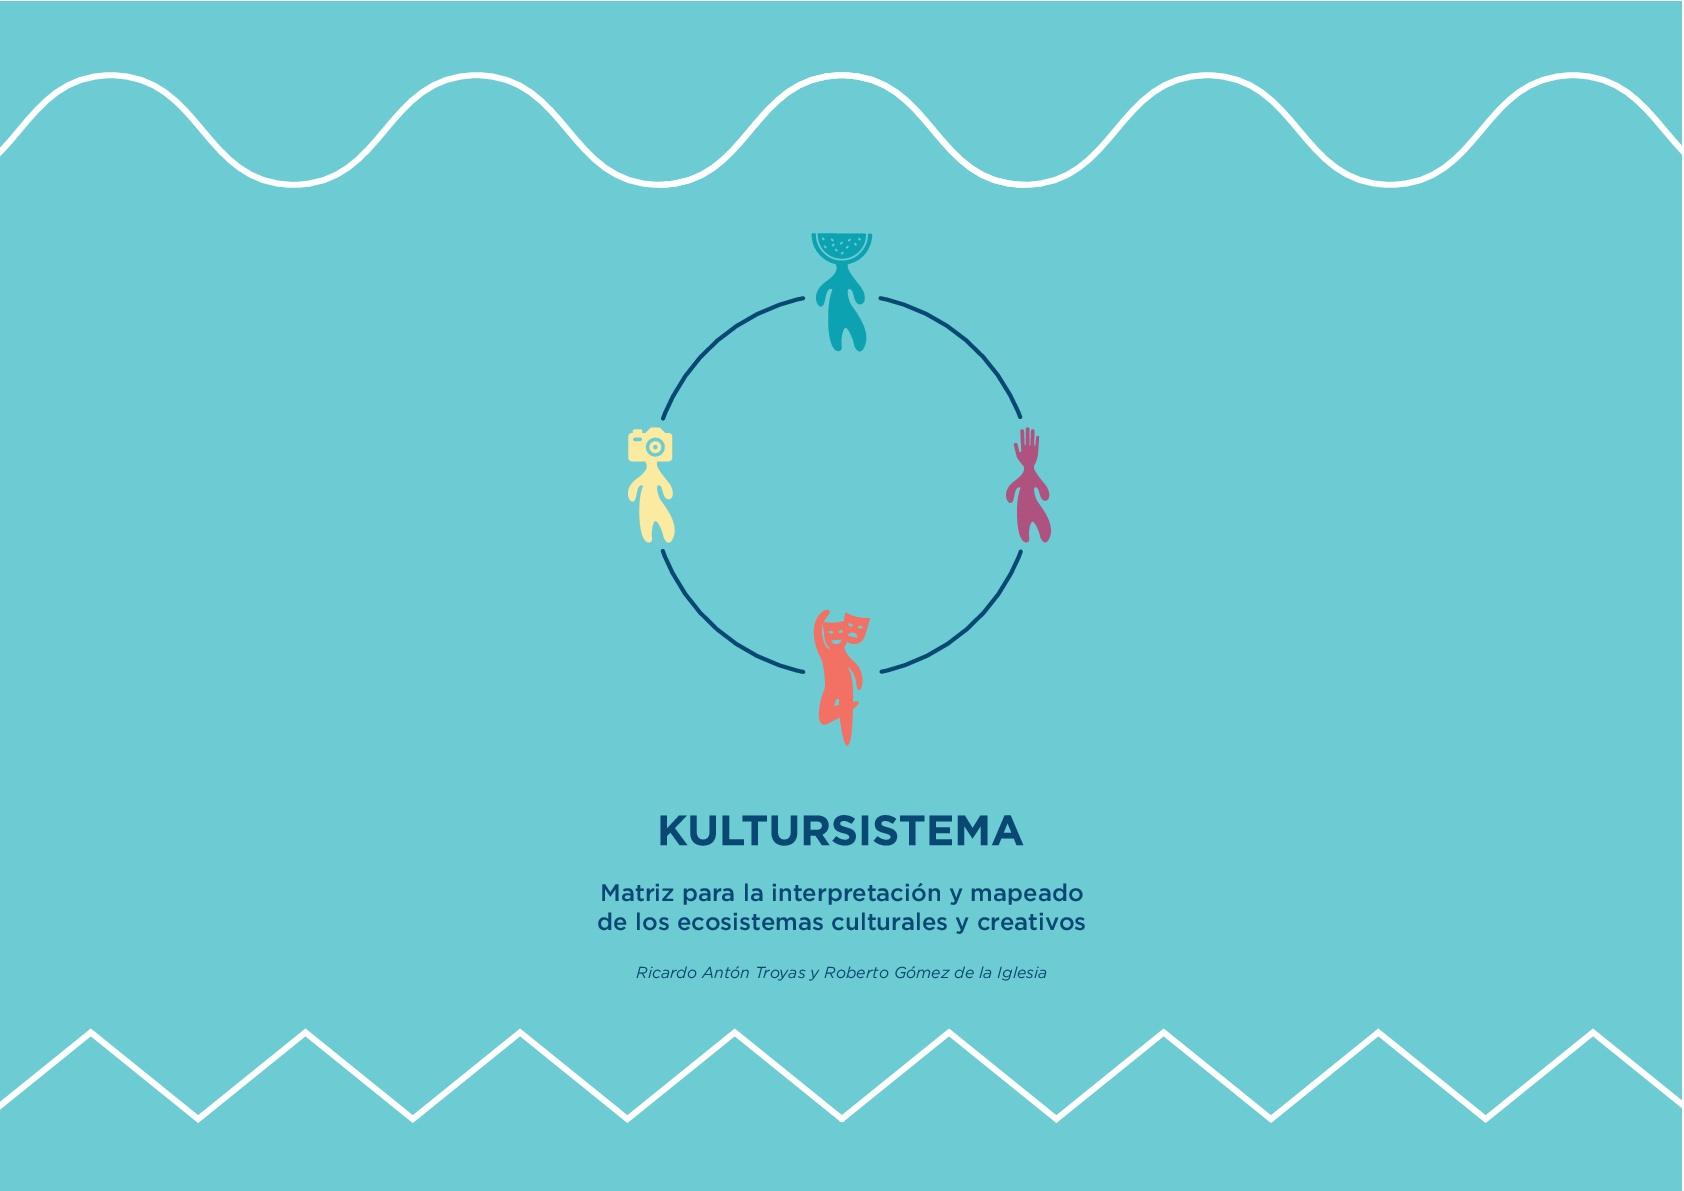 KULTURSISTEMA. Matriz para la interpretación y mapeado de los ecosistemas culturales y creativos